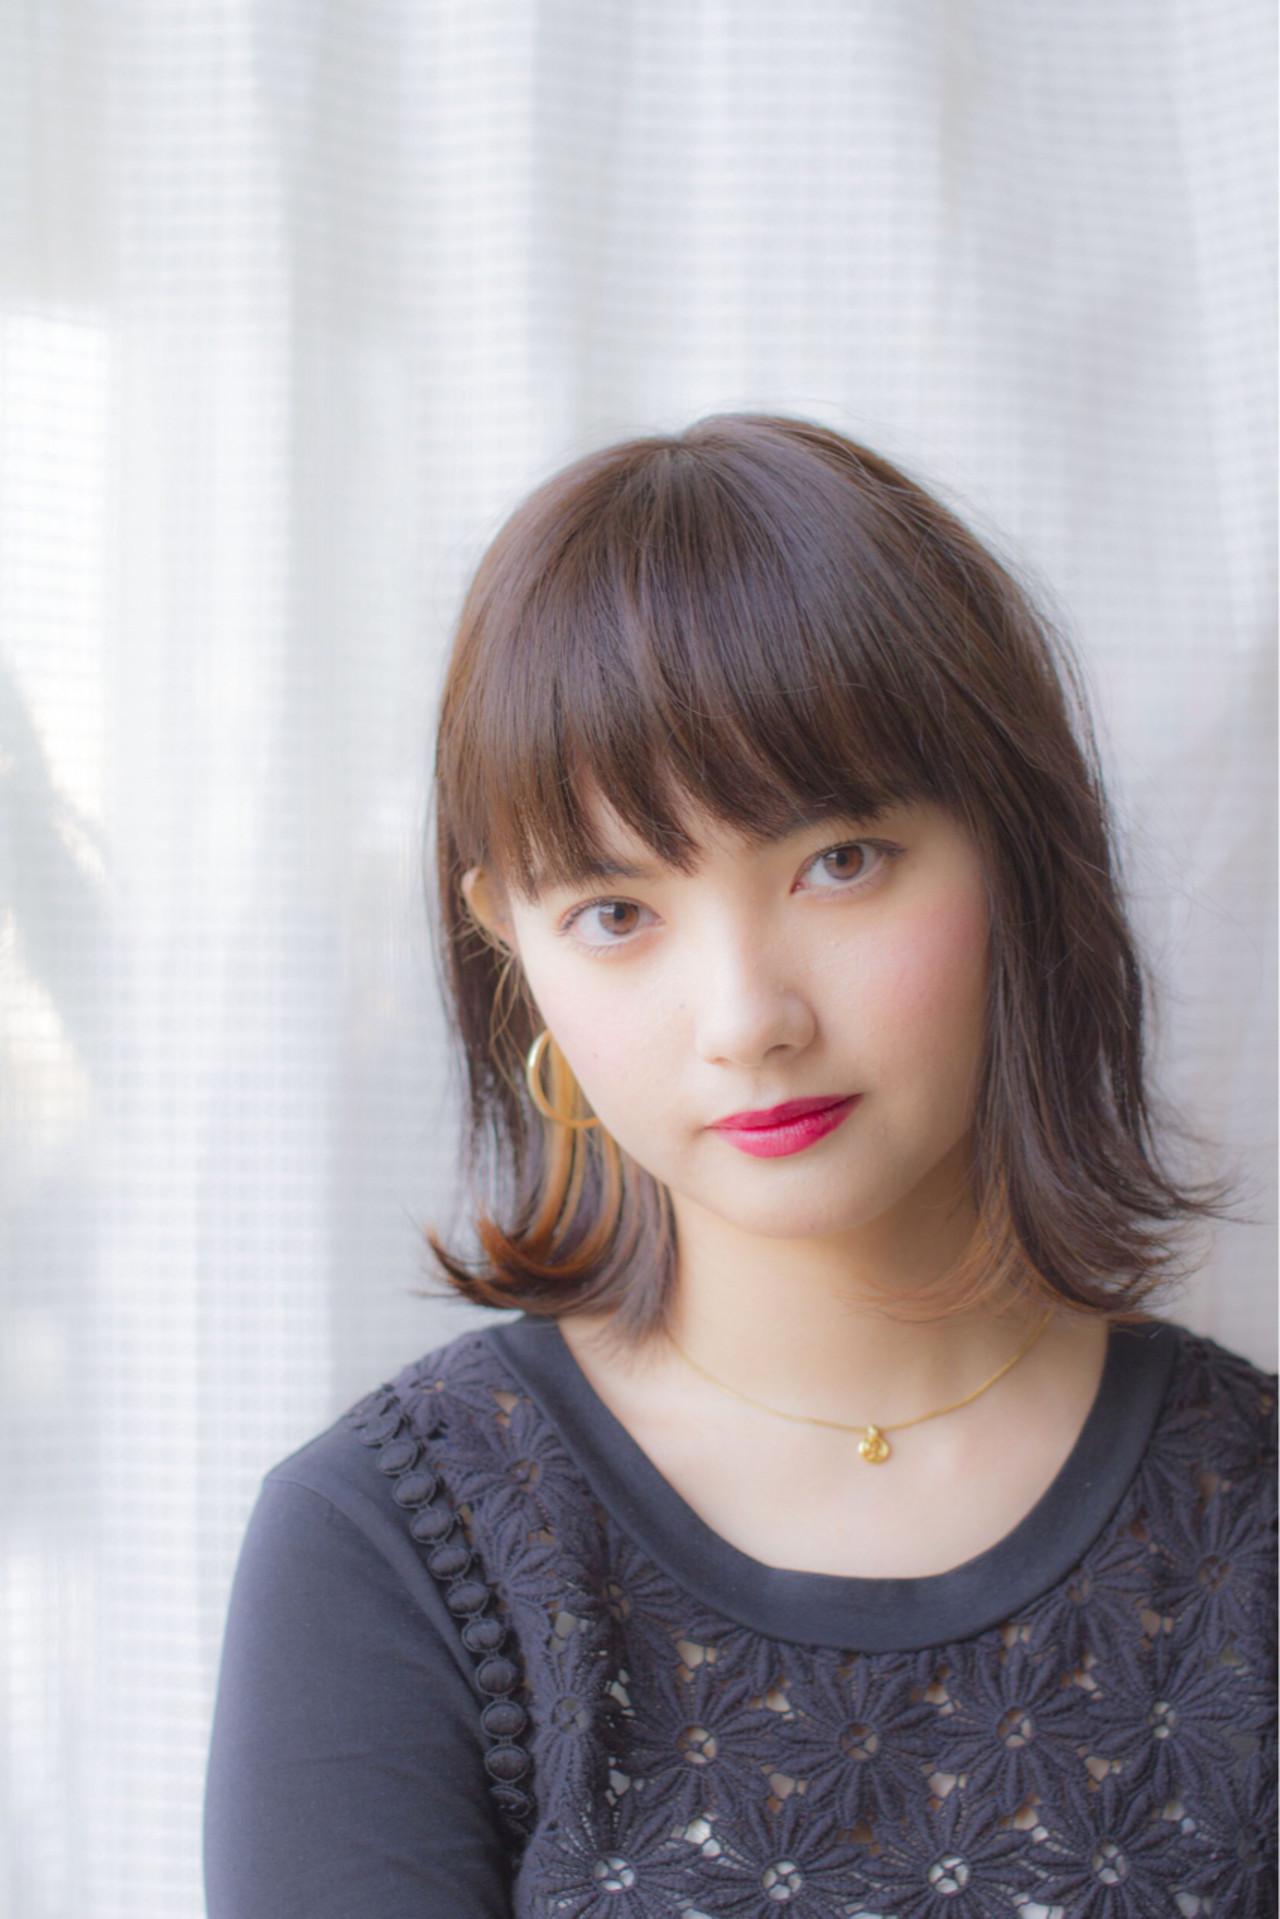 ミディアム グレージュ ストリート 外国人風 ヘアスタイルや髪型の写真・画像